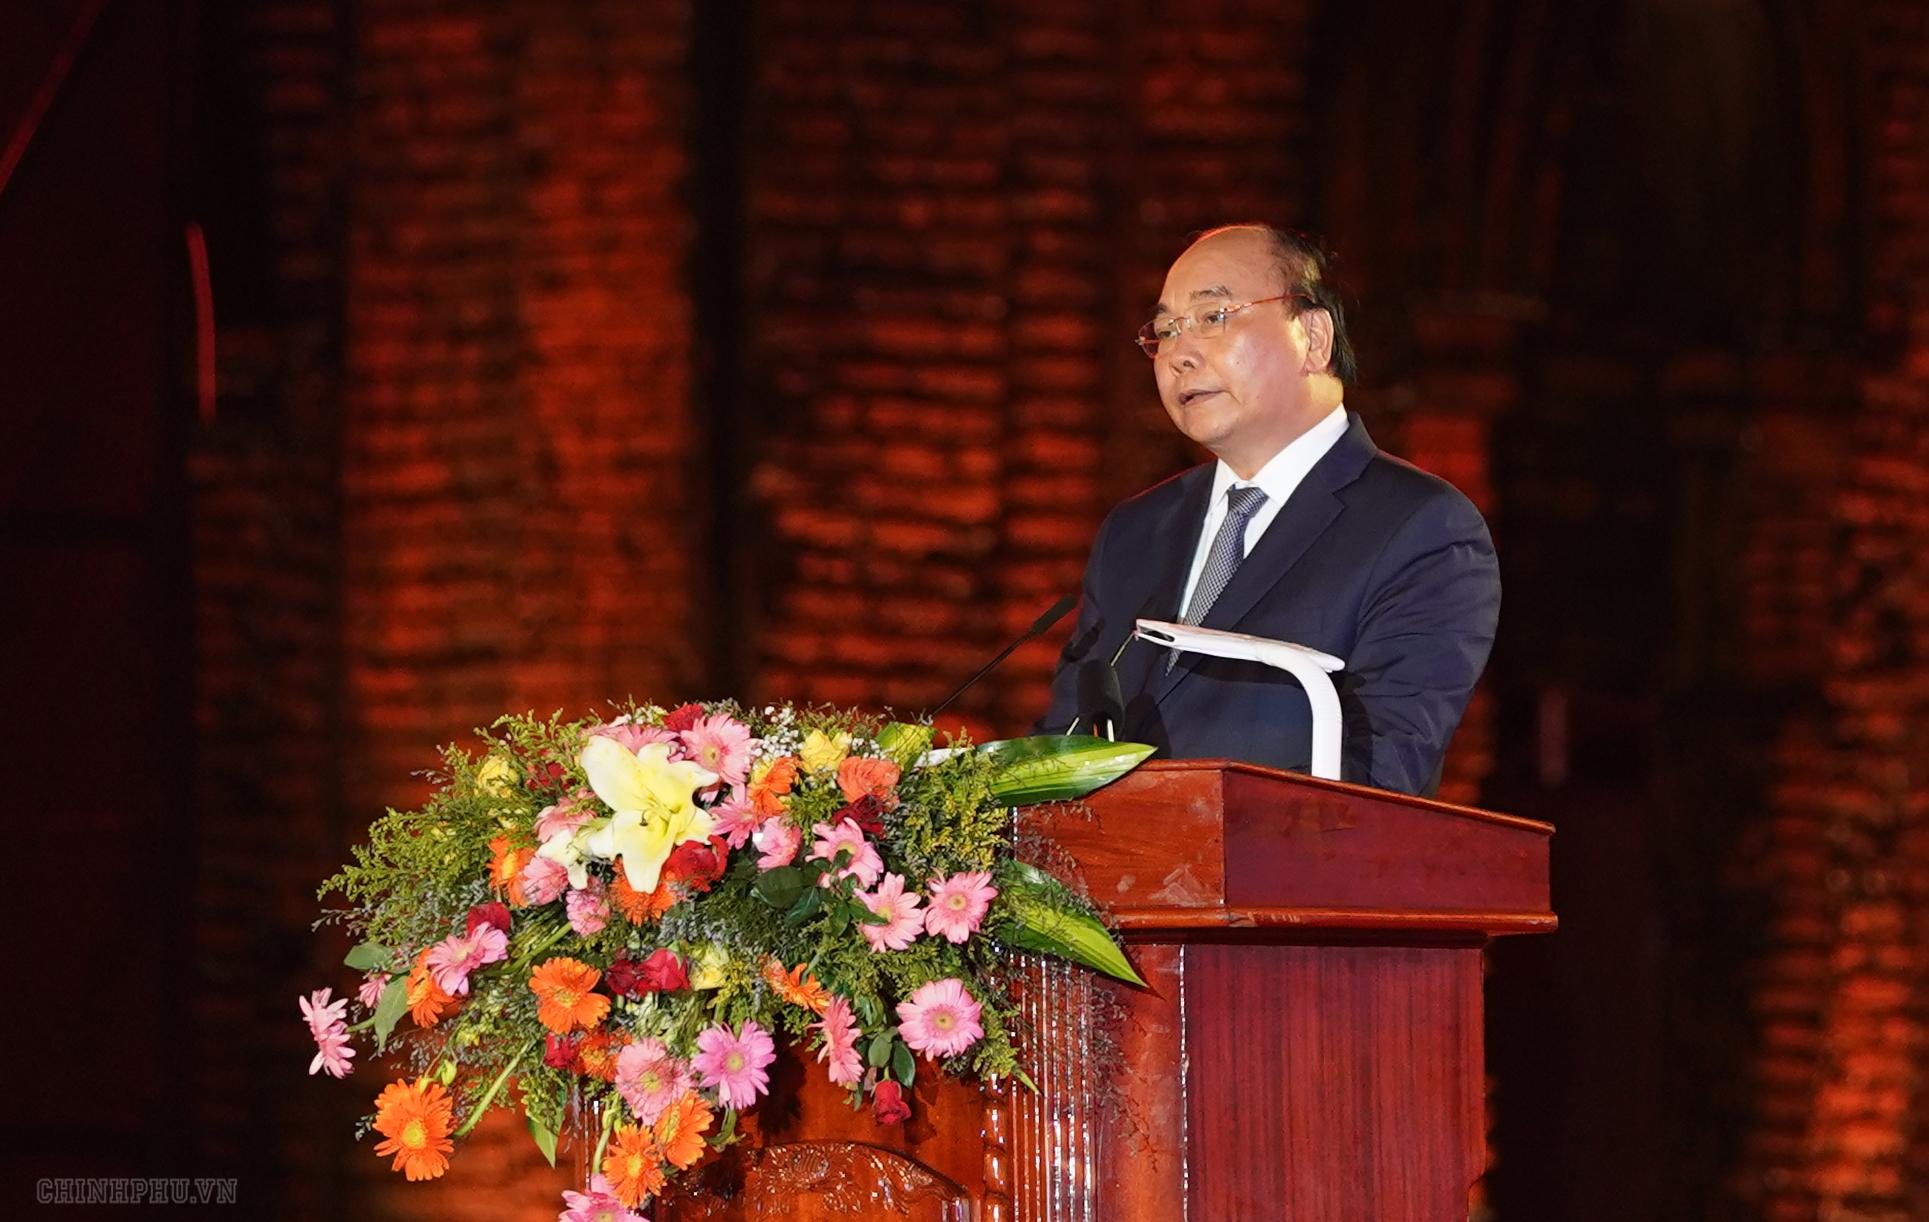 Thủ tướng Nguyễn Xuân Phúc phát biểu tại lễ kỷ niệm. - Ảnh: VGP/Quang Hiếu